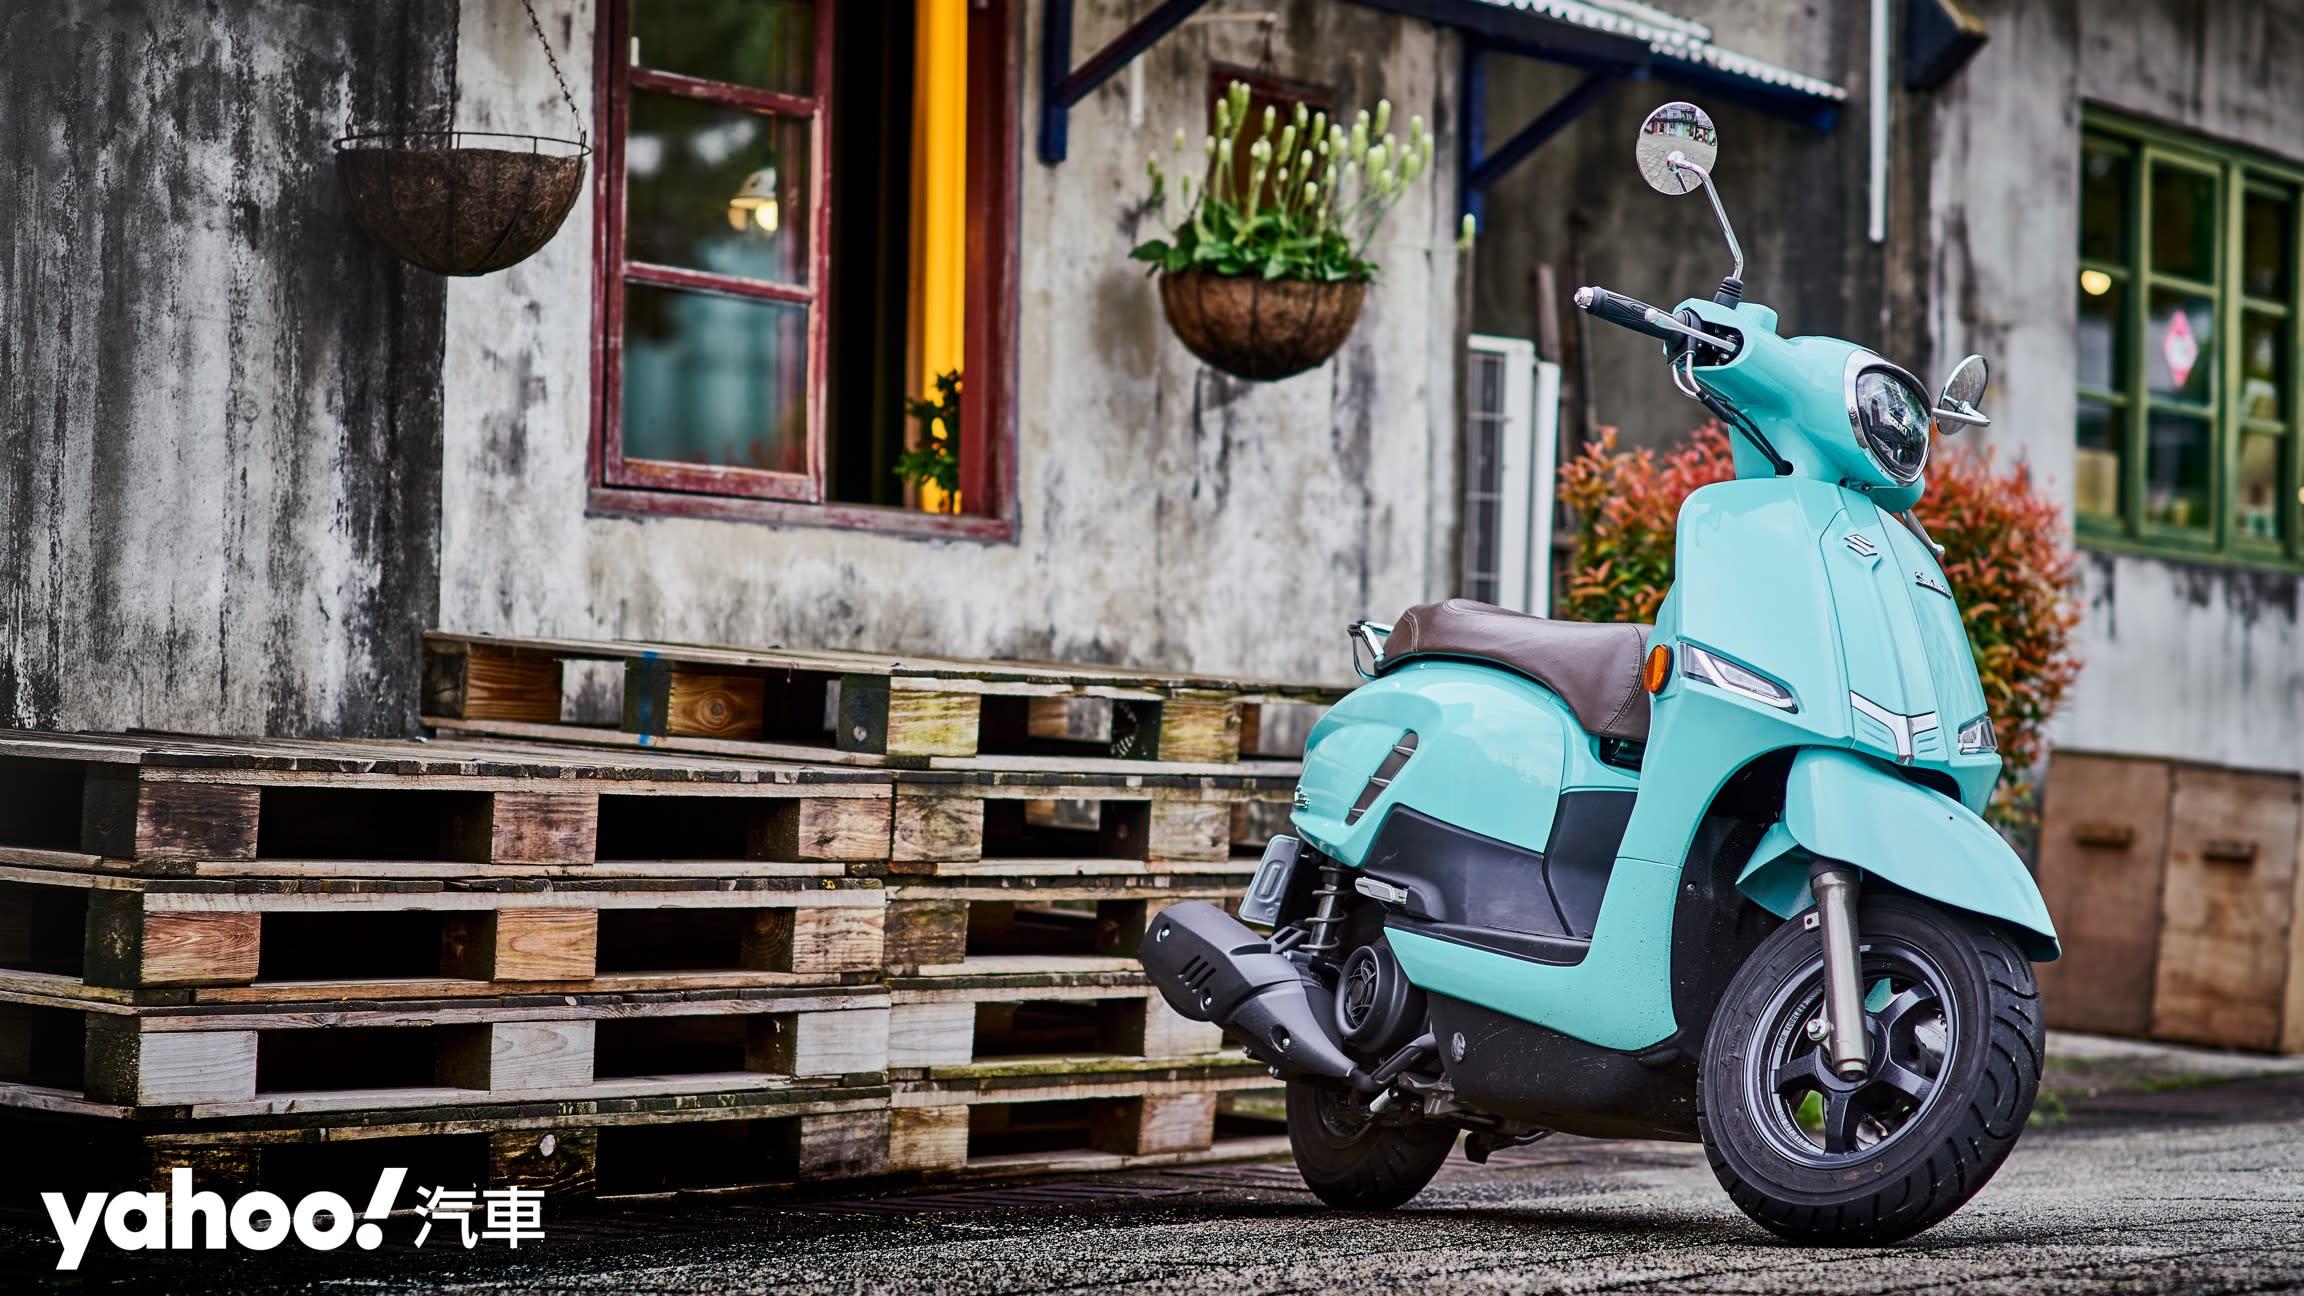 追求絕對的唯美系風格!2020 Suzuki Saluto復古風試駕評測! - 3